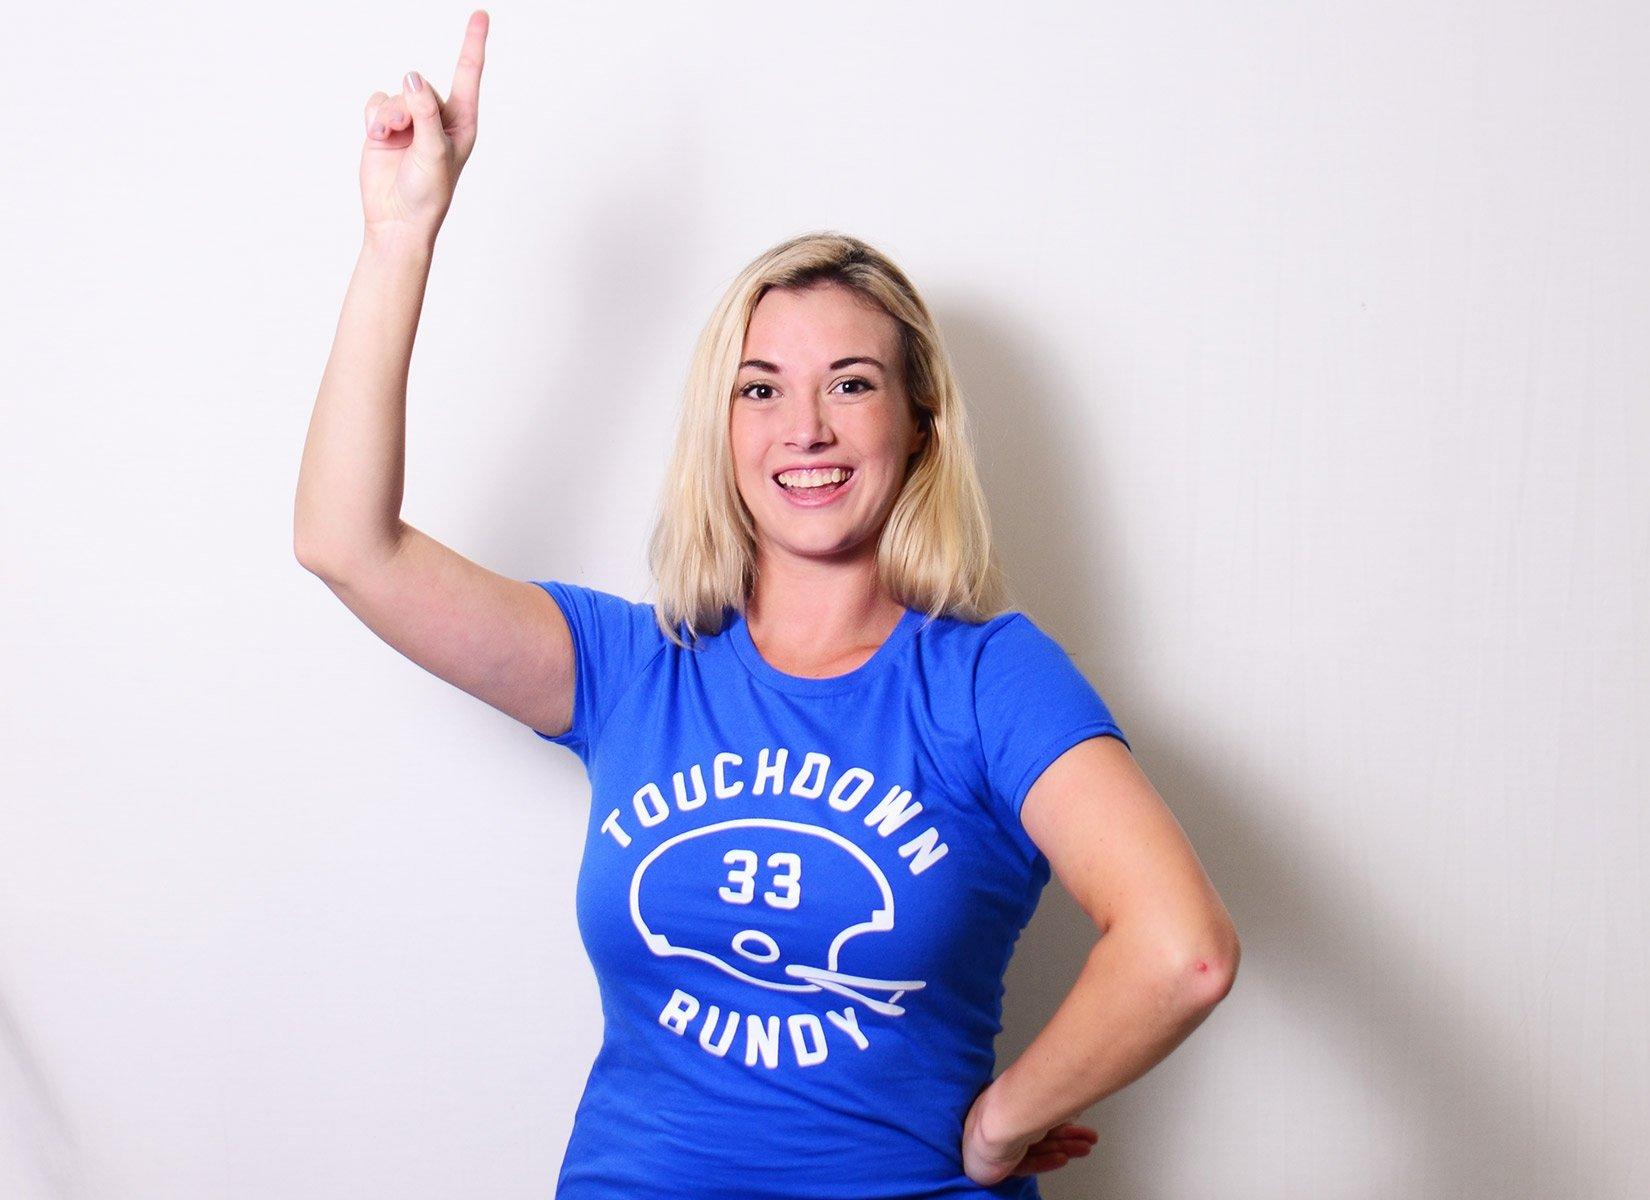 Touchdown Bundy on Womens T-Shirt